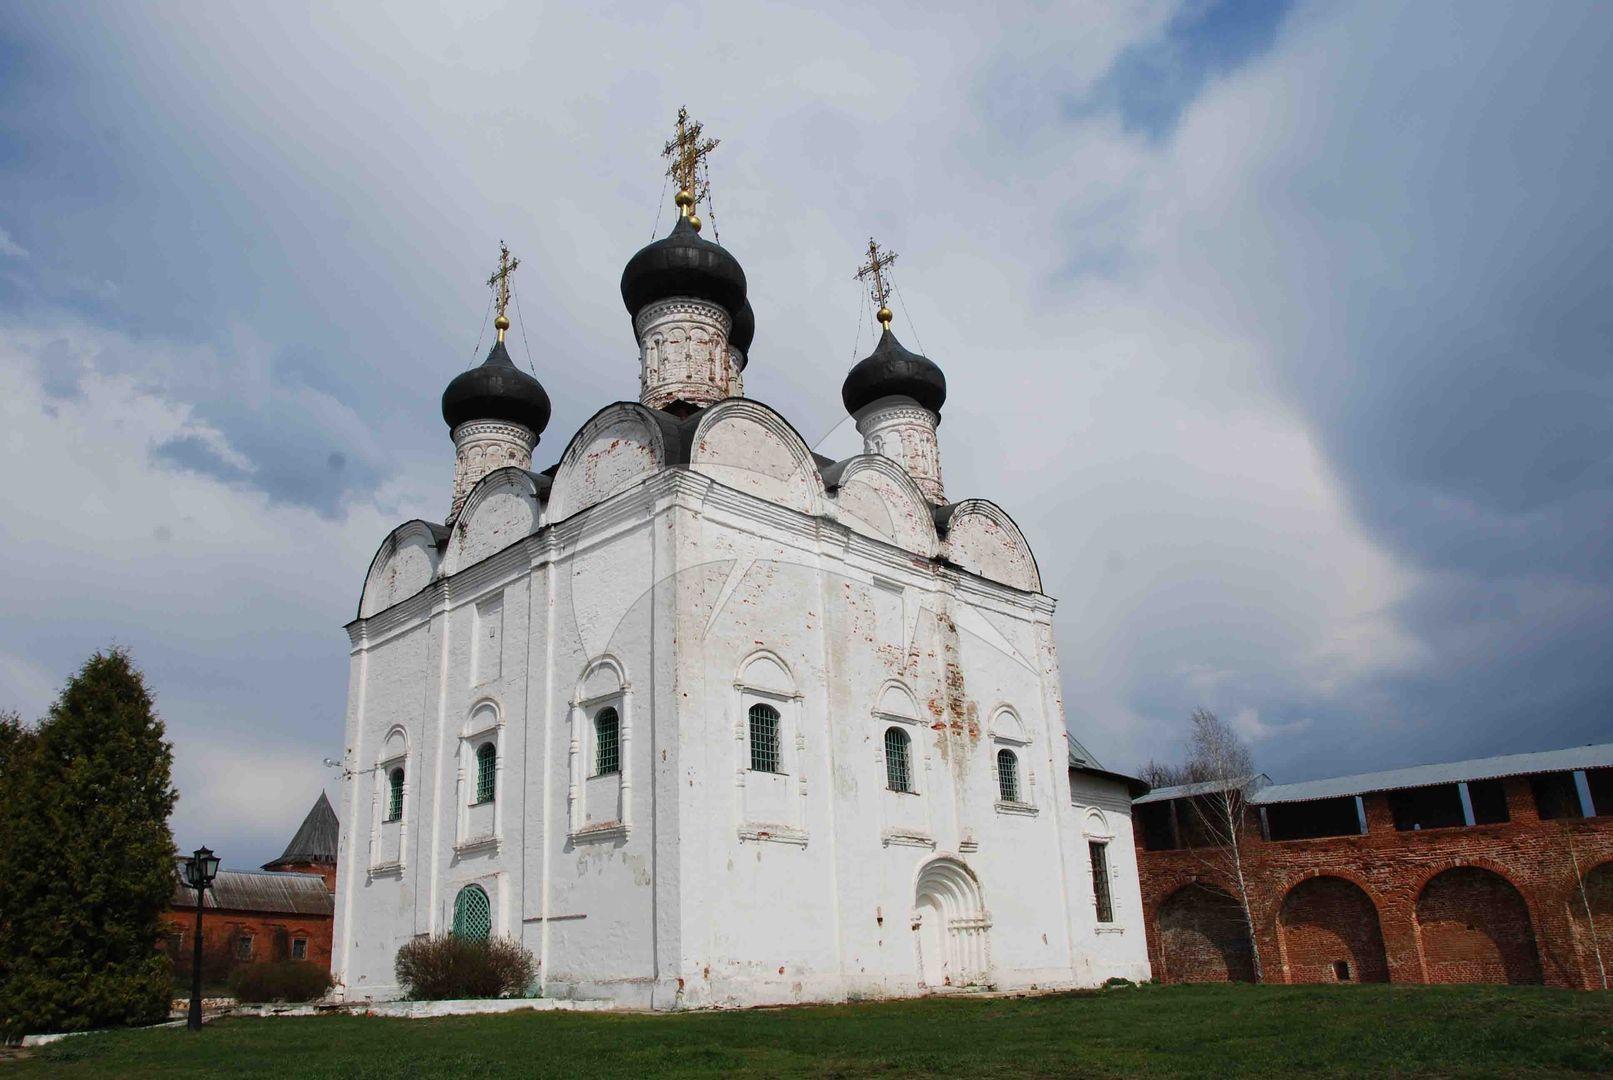 Никольский собор, 1681 г., Ансамбль Зарайского кремля